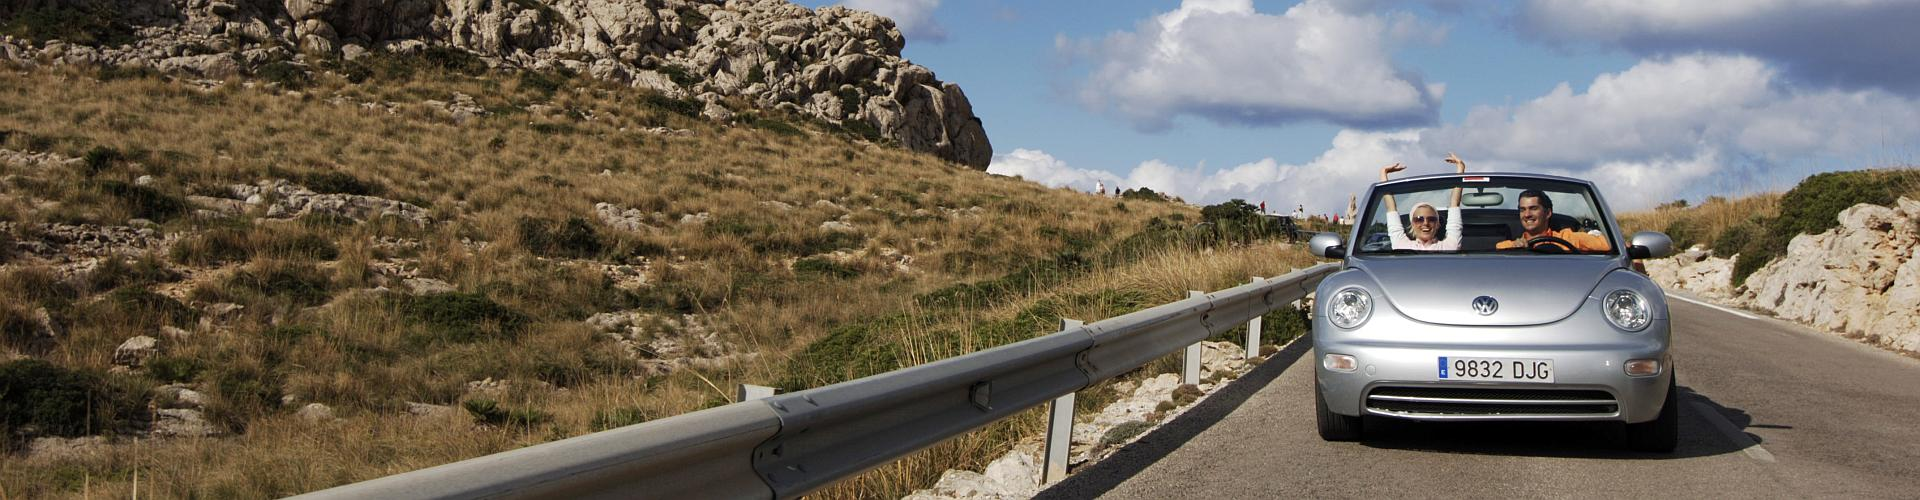 Mietwagen Autovermietung in Spanien